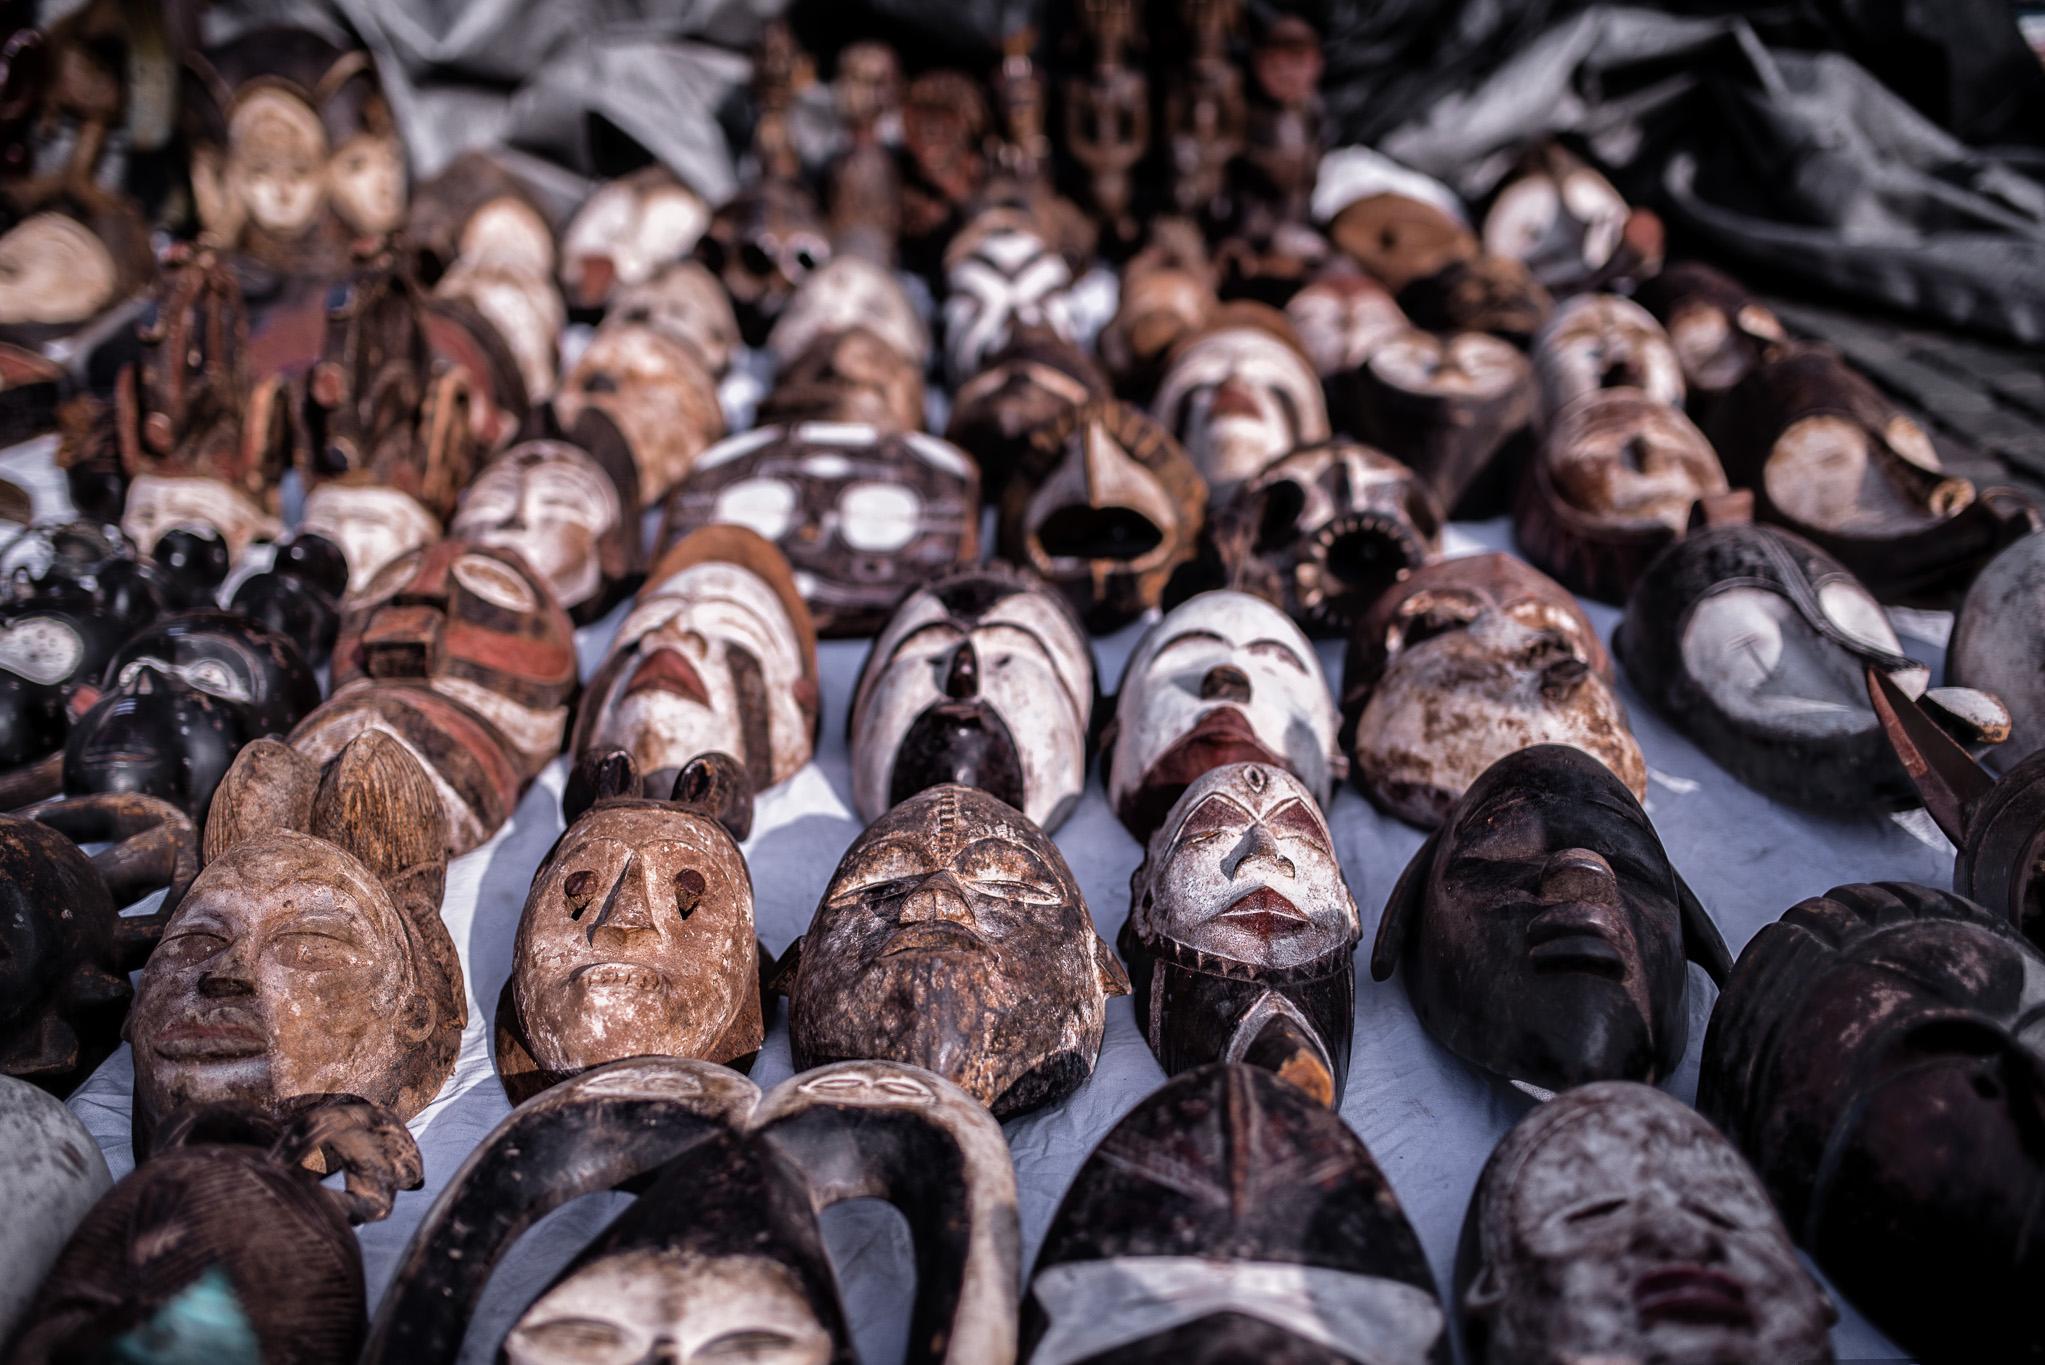 Masques au Marché aux puces de Bruxelles